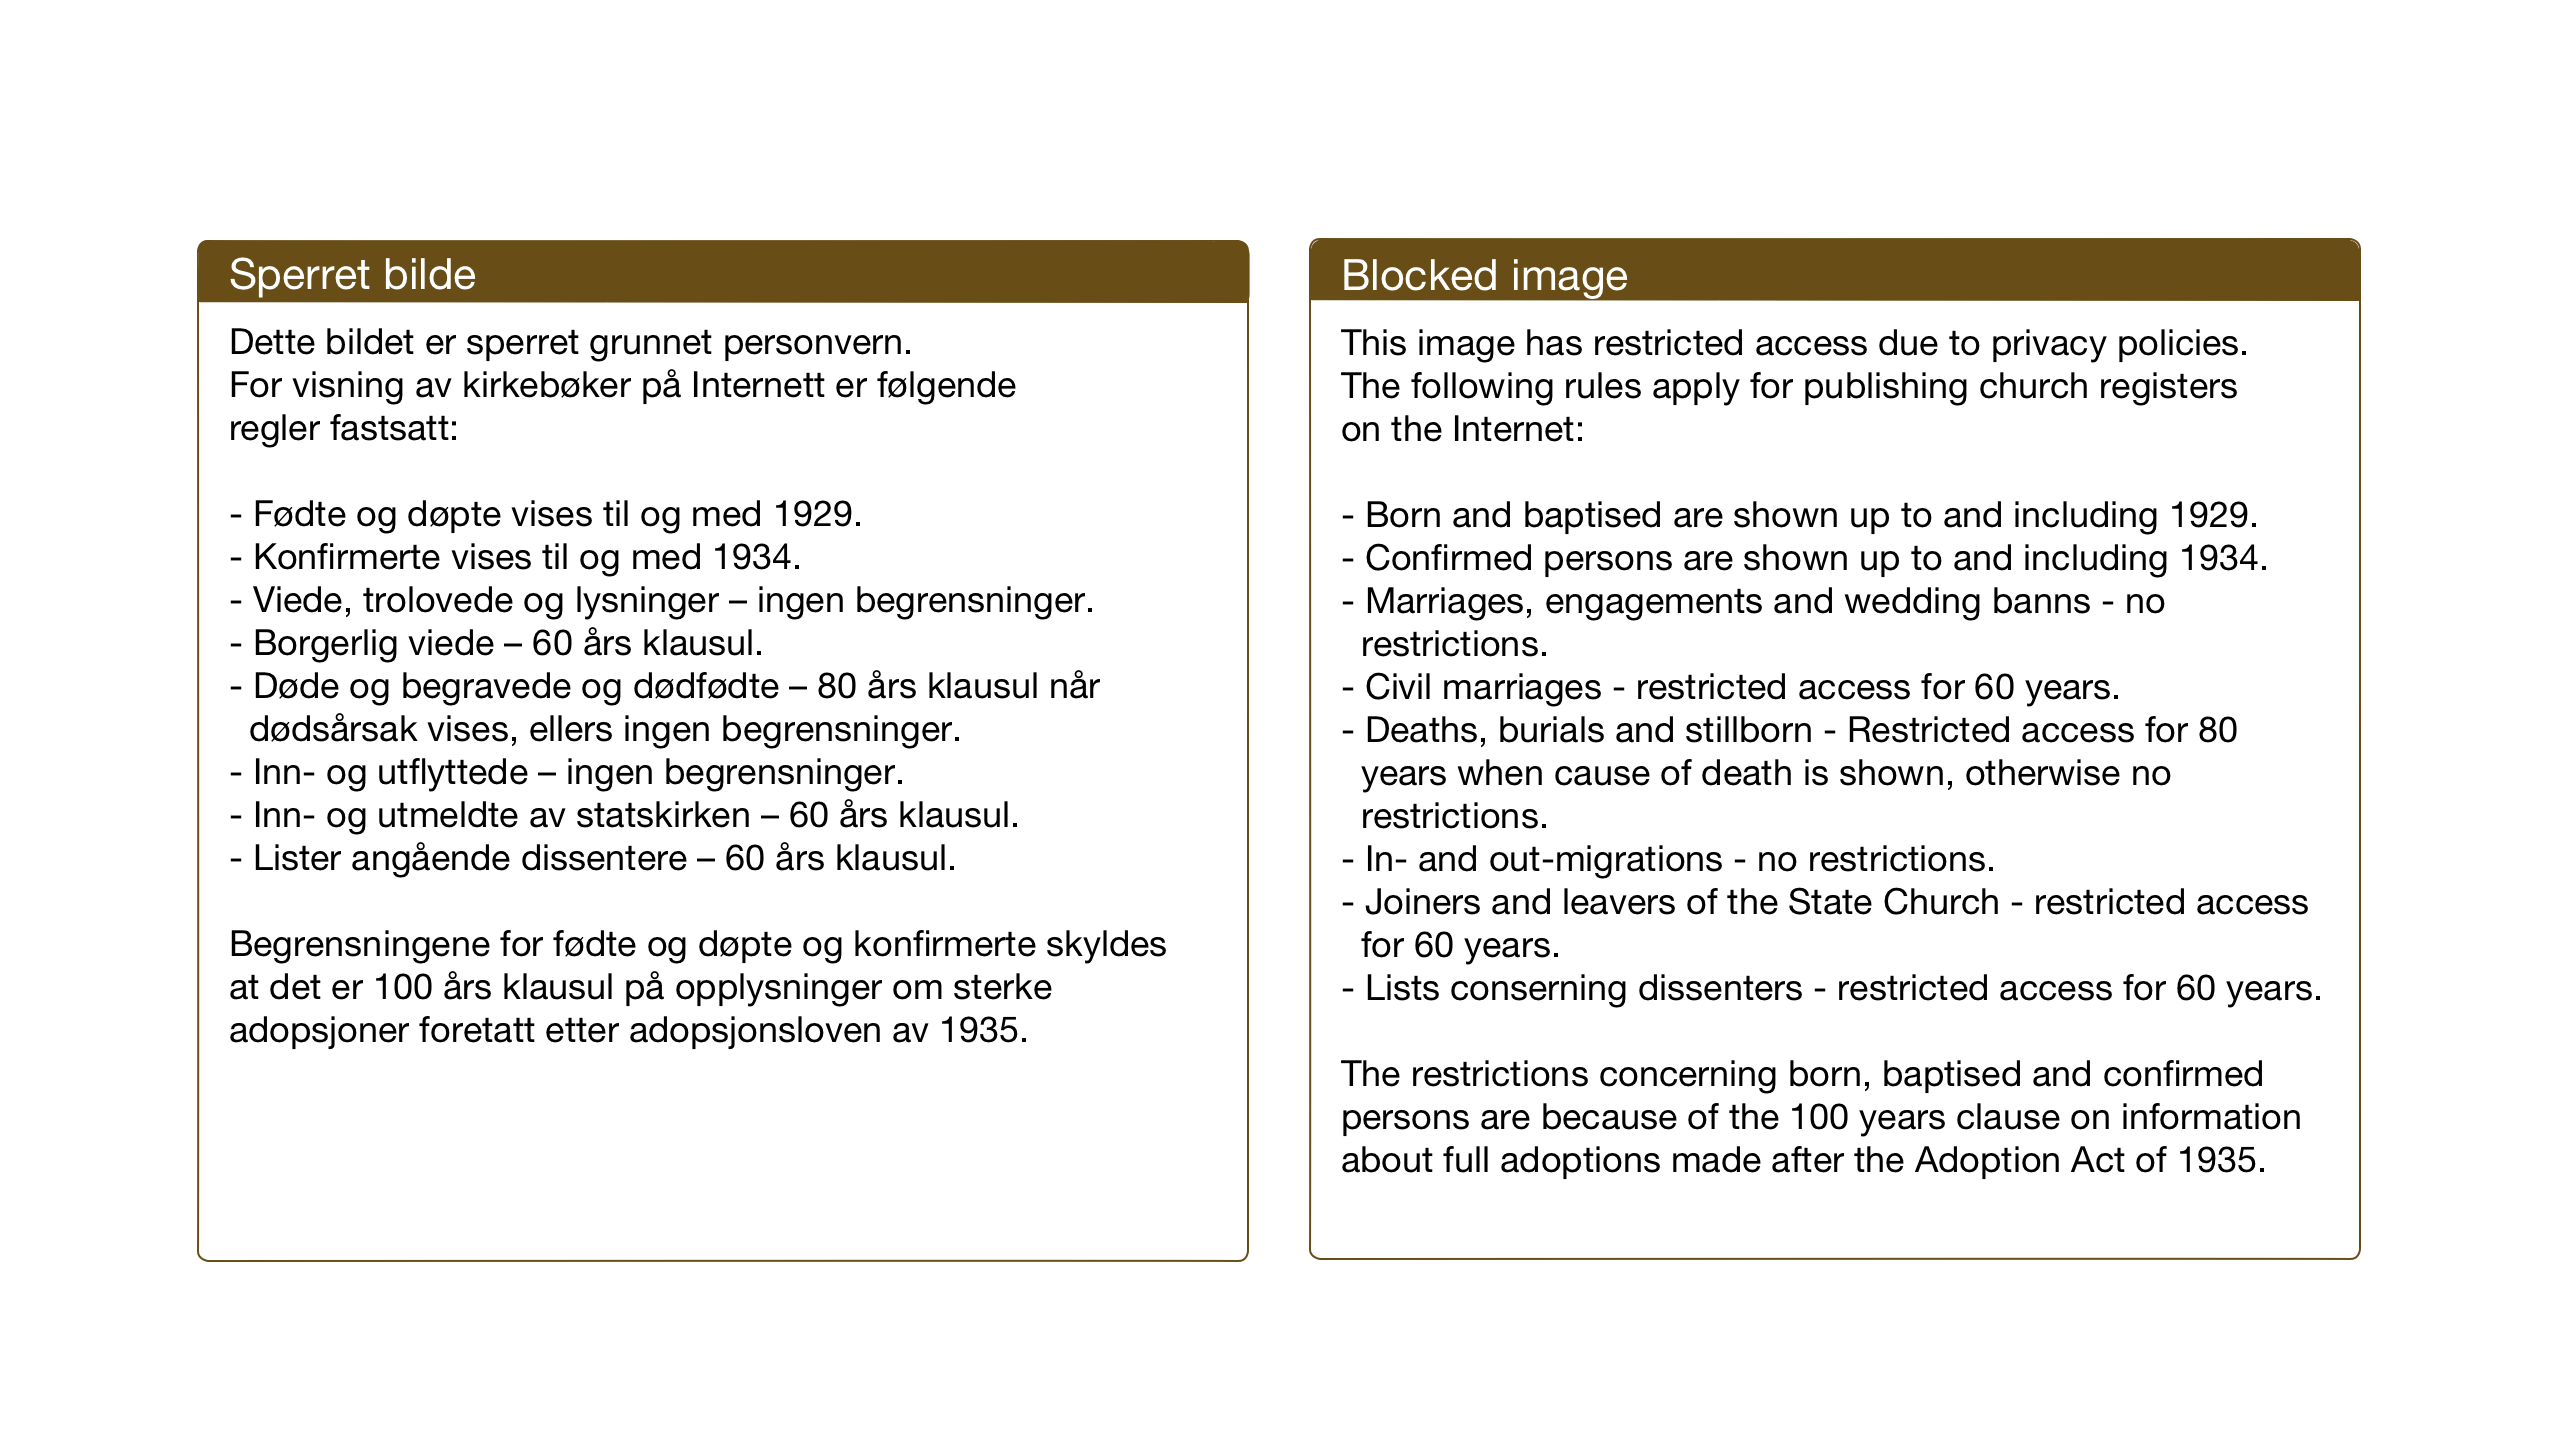 SAT, Ministerialprotokoller, klokkerbøker og fødselsregistre - Nord-Trøndelag, 732/L0319: Klokkerbok nr. 732C03, 1911-1945, s. 40